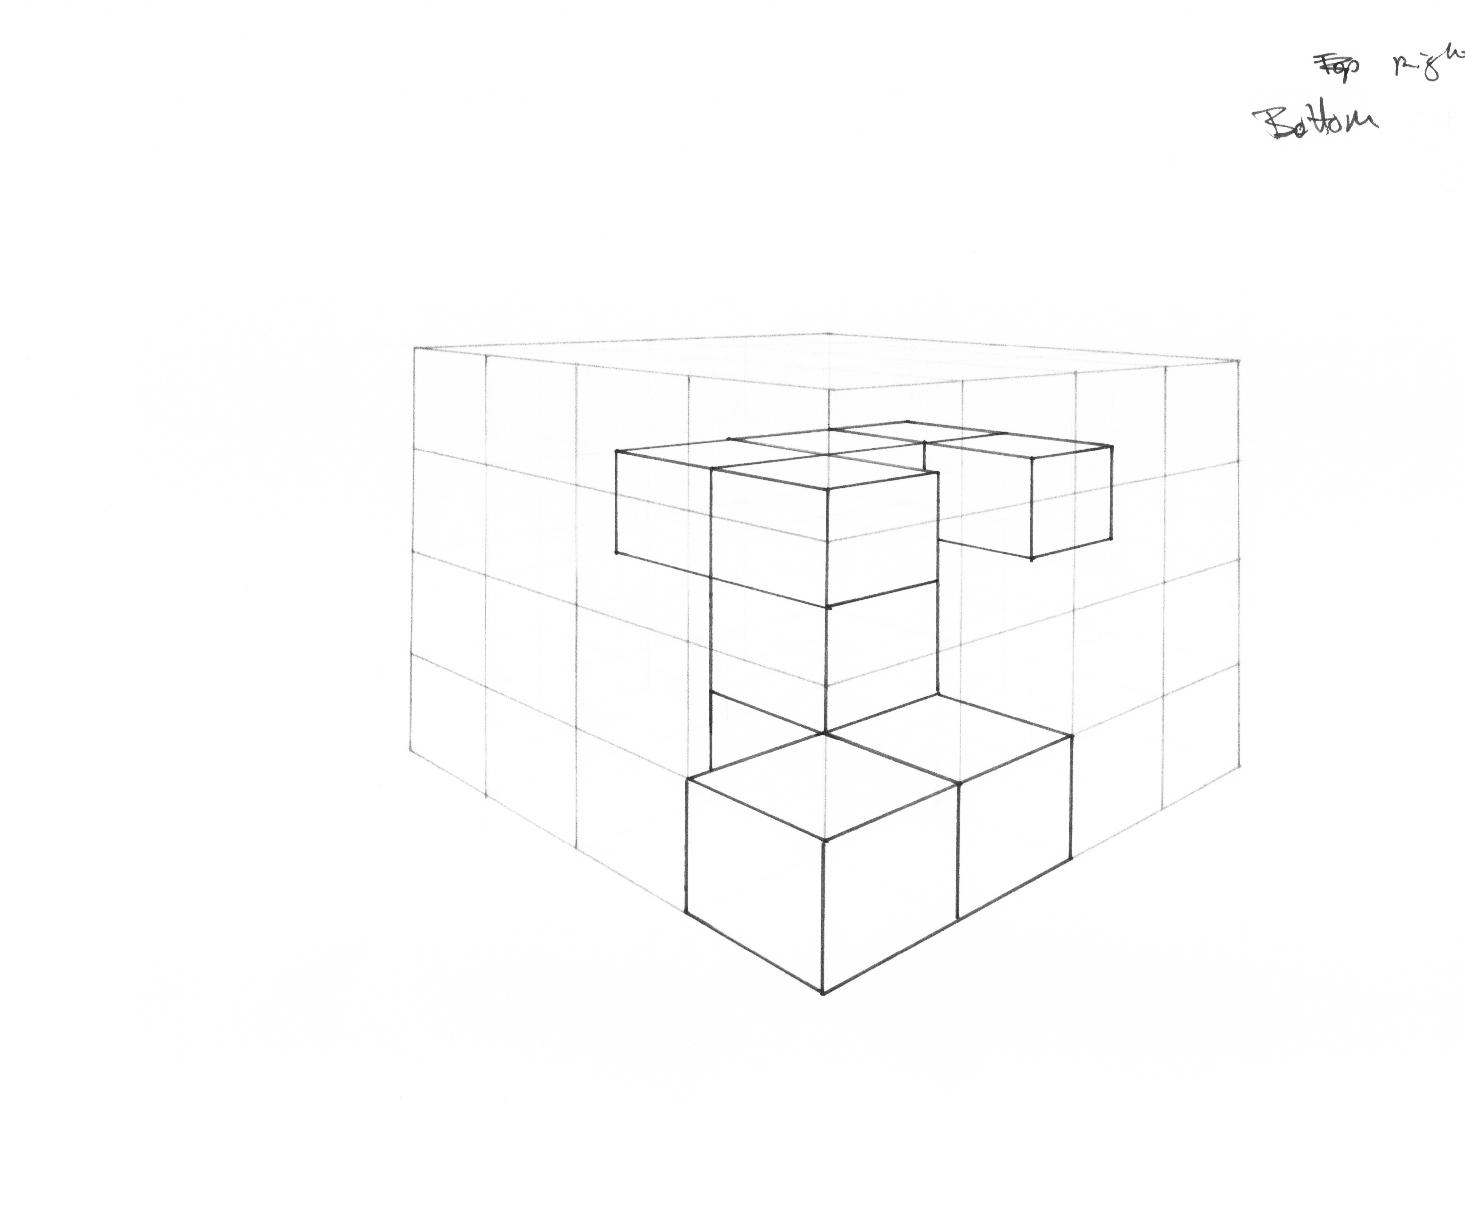 cubes 2.jpeg